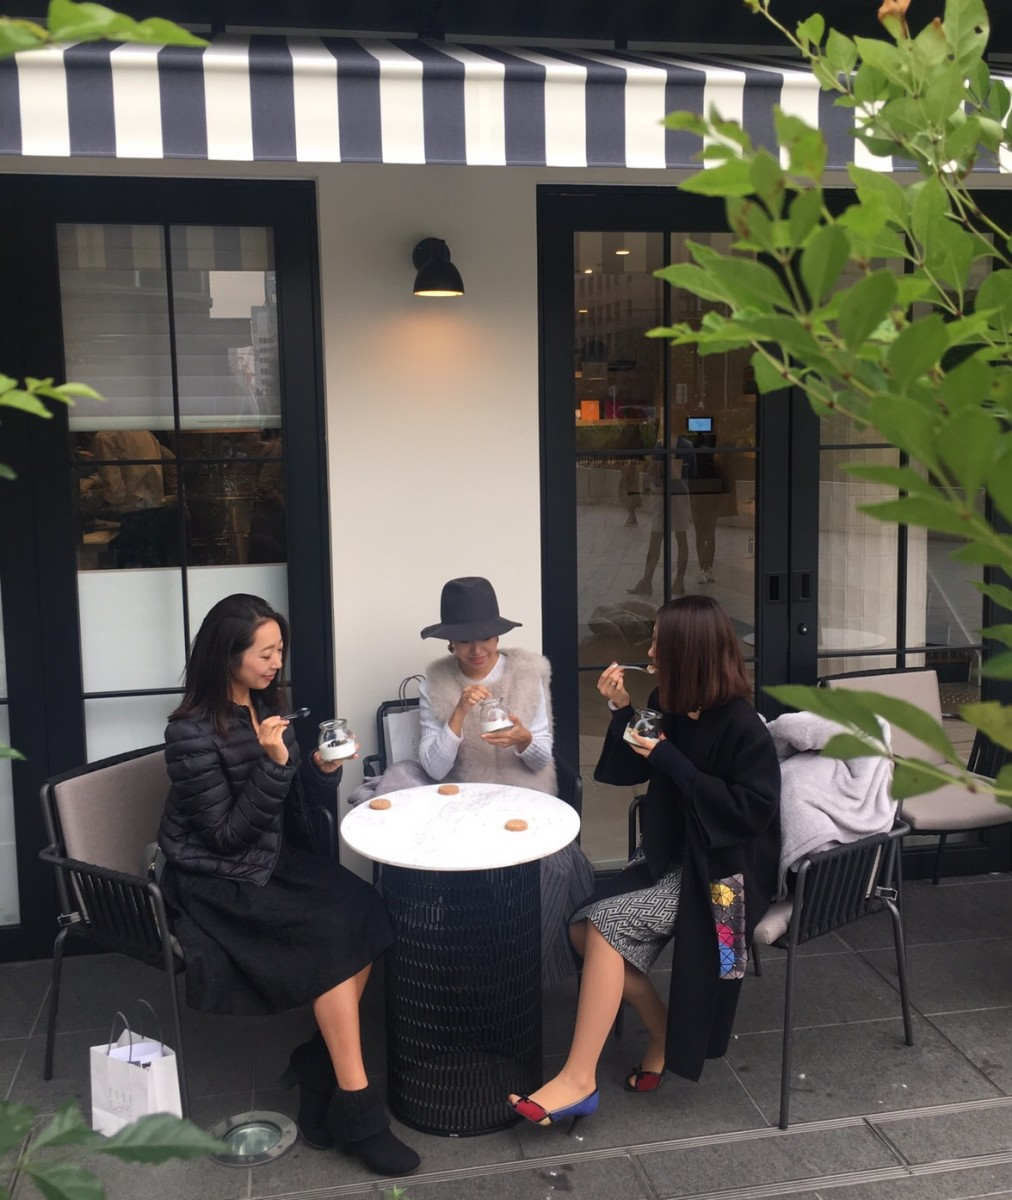 朝から夜までビューティアップ♡心身ともに喜ぶ《ELLE cafe AOYAMA》グランドオープン!